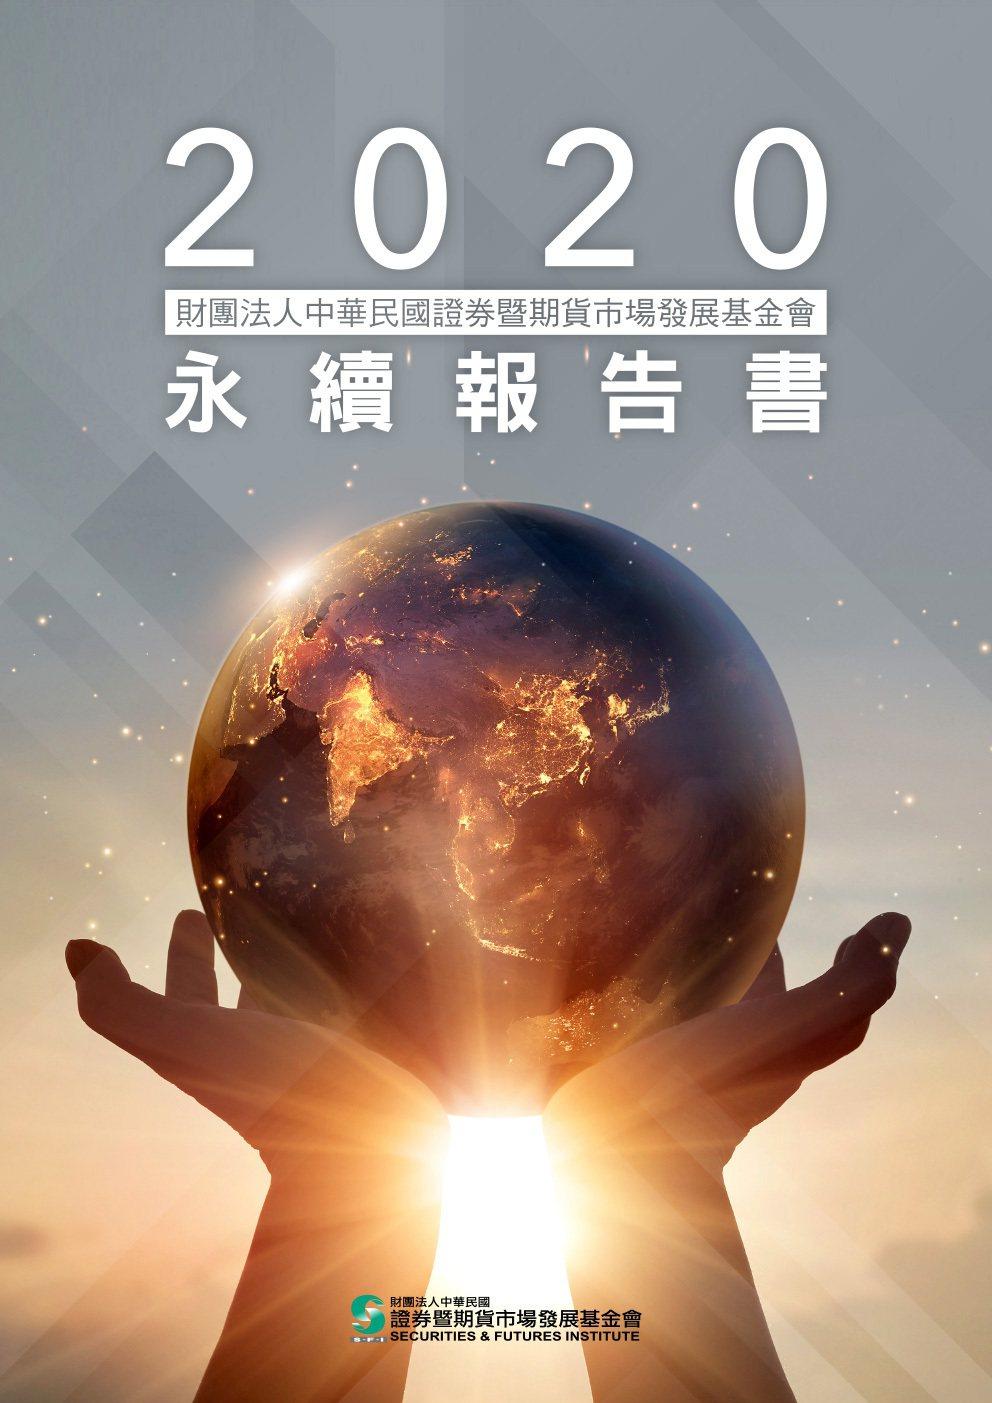 證基會2020永續報告書依循GRI永續報告準則核心選項編製,說明證基會2020年...